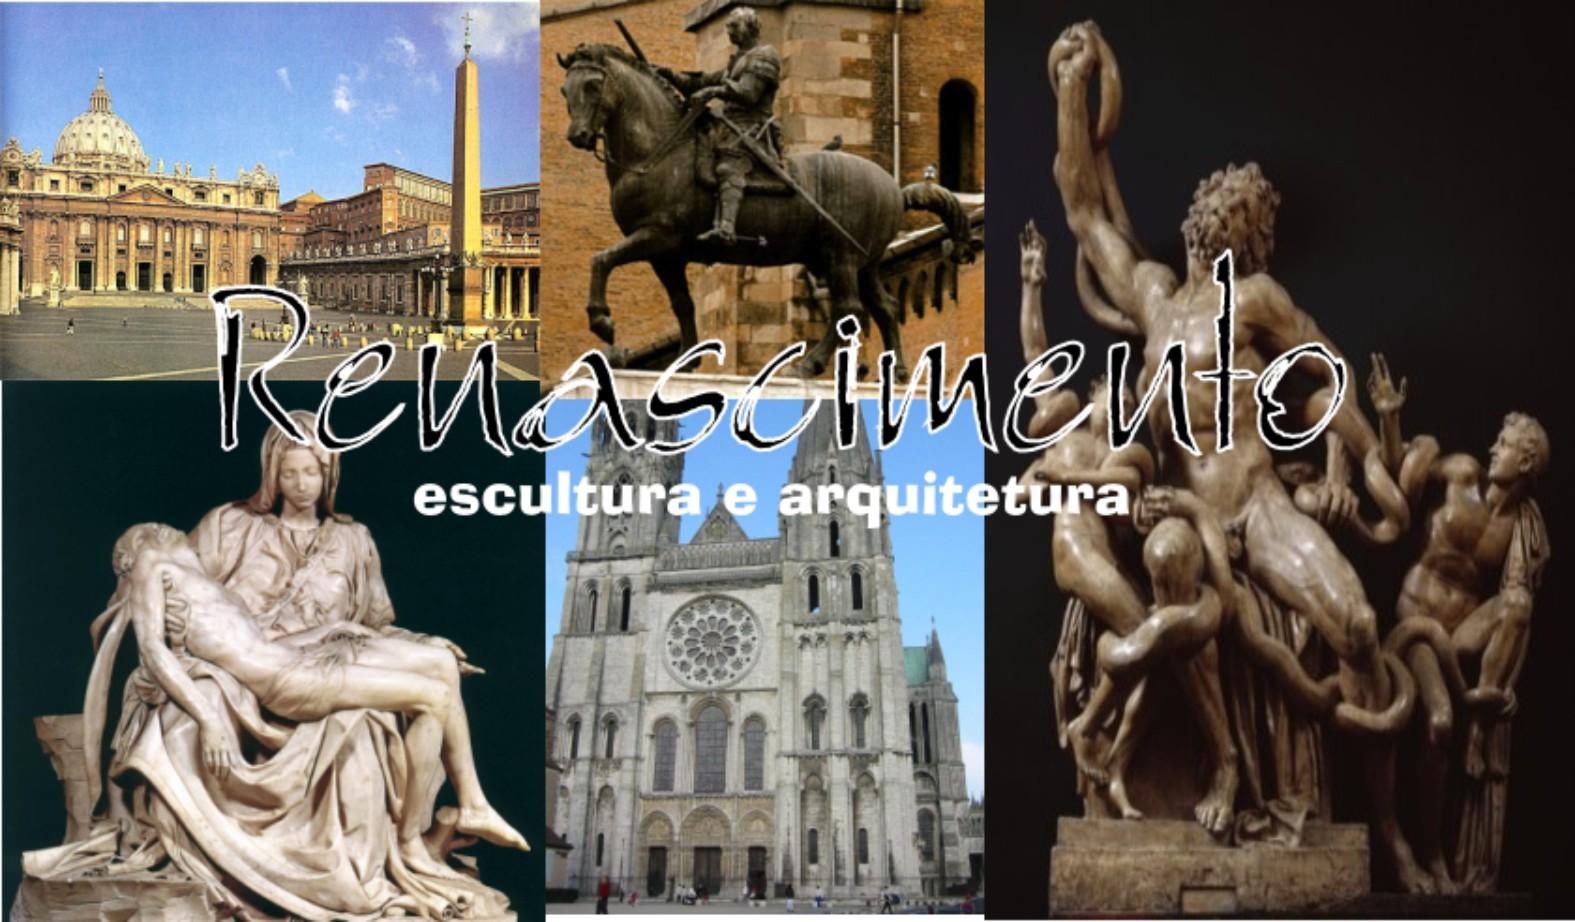 O Renascimento: Escultura e arquitetura